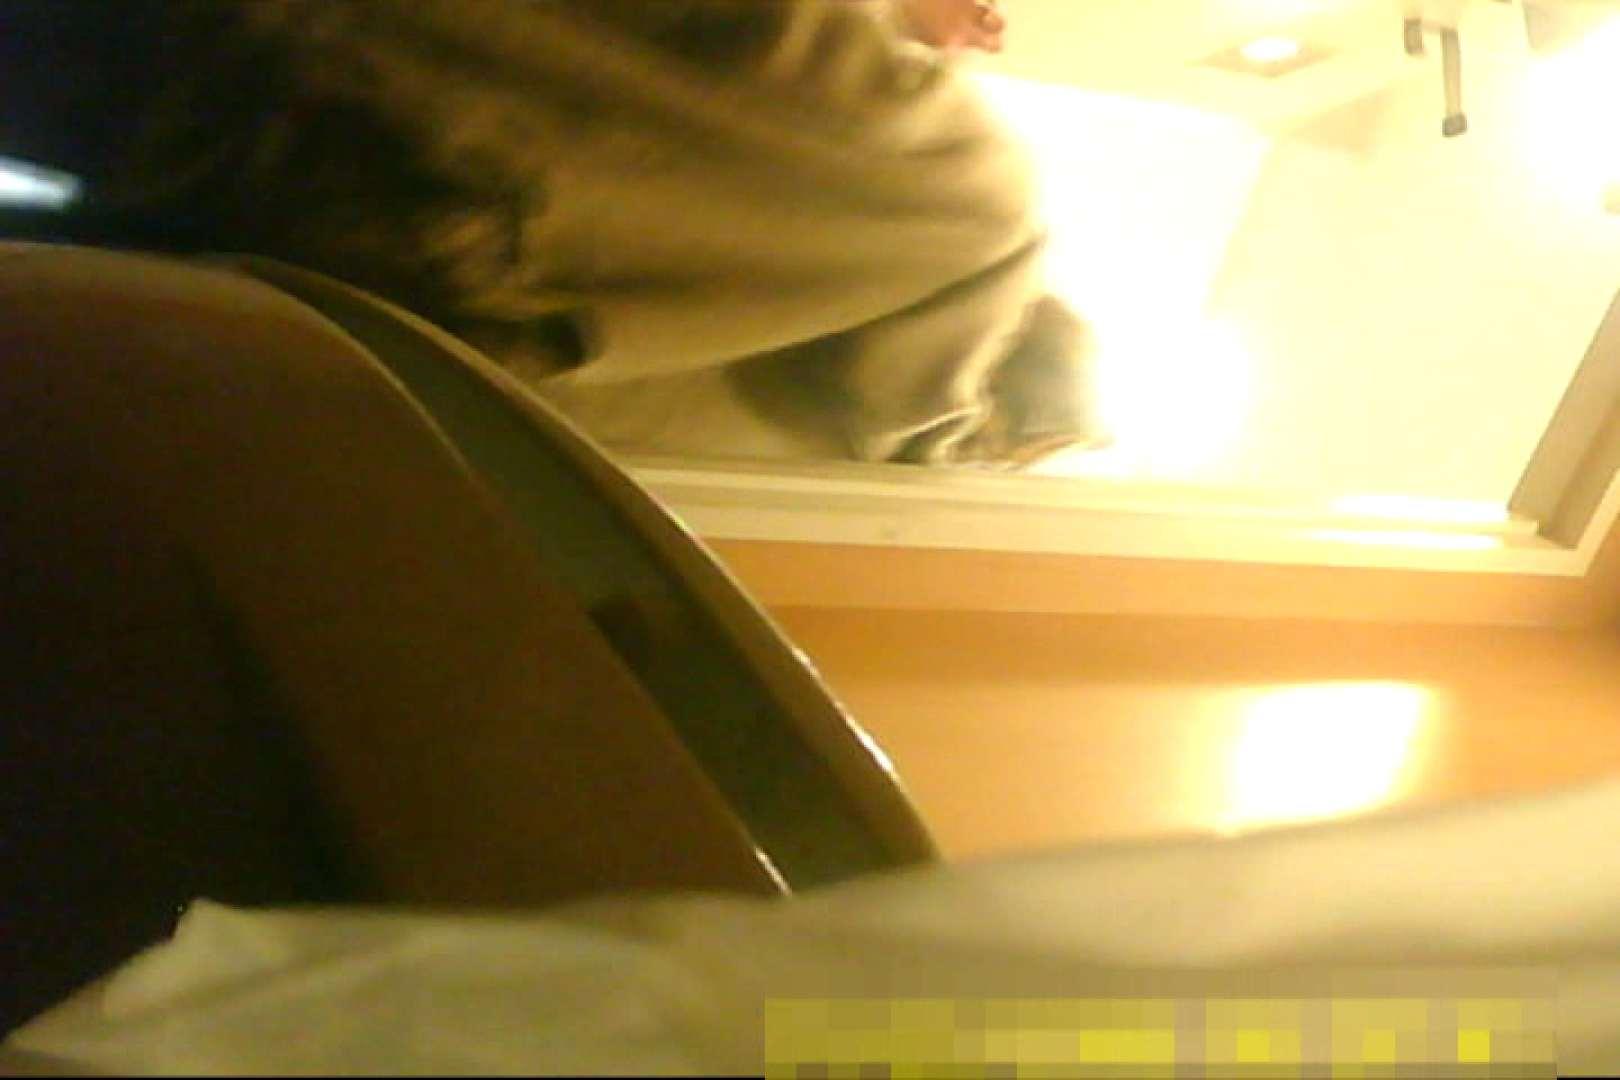 魅惑の化粧室~禁断のプライベート空間~vol.8 OLのエロ生活 オマンコ動画キャプチャ 110連発 72